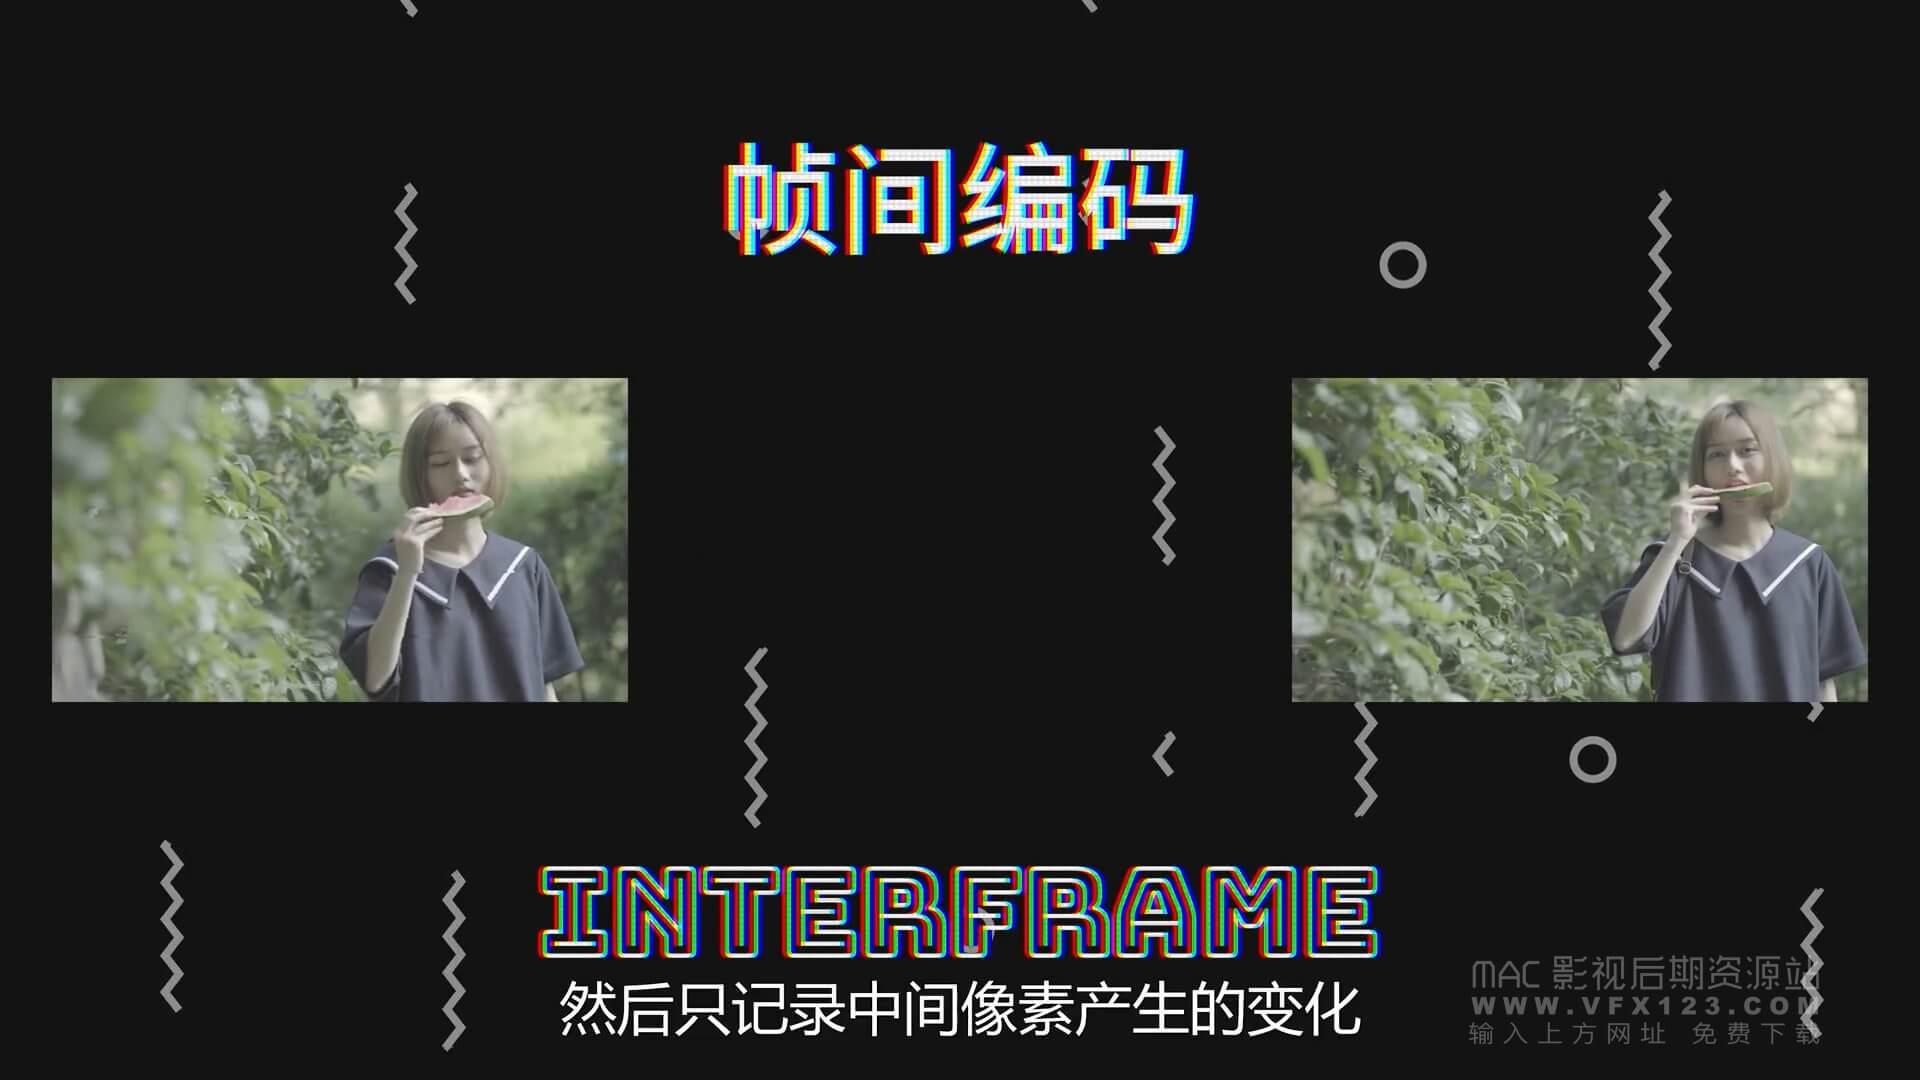 视频的封装与编码 高画质的背后必备技能